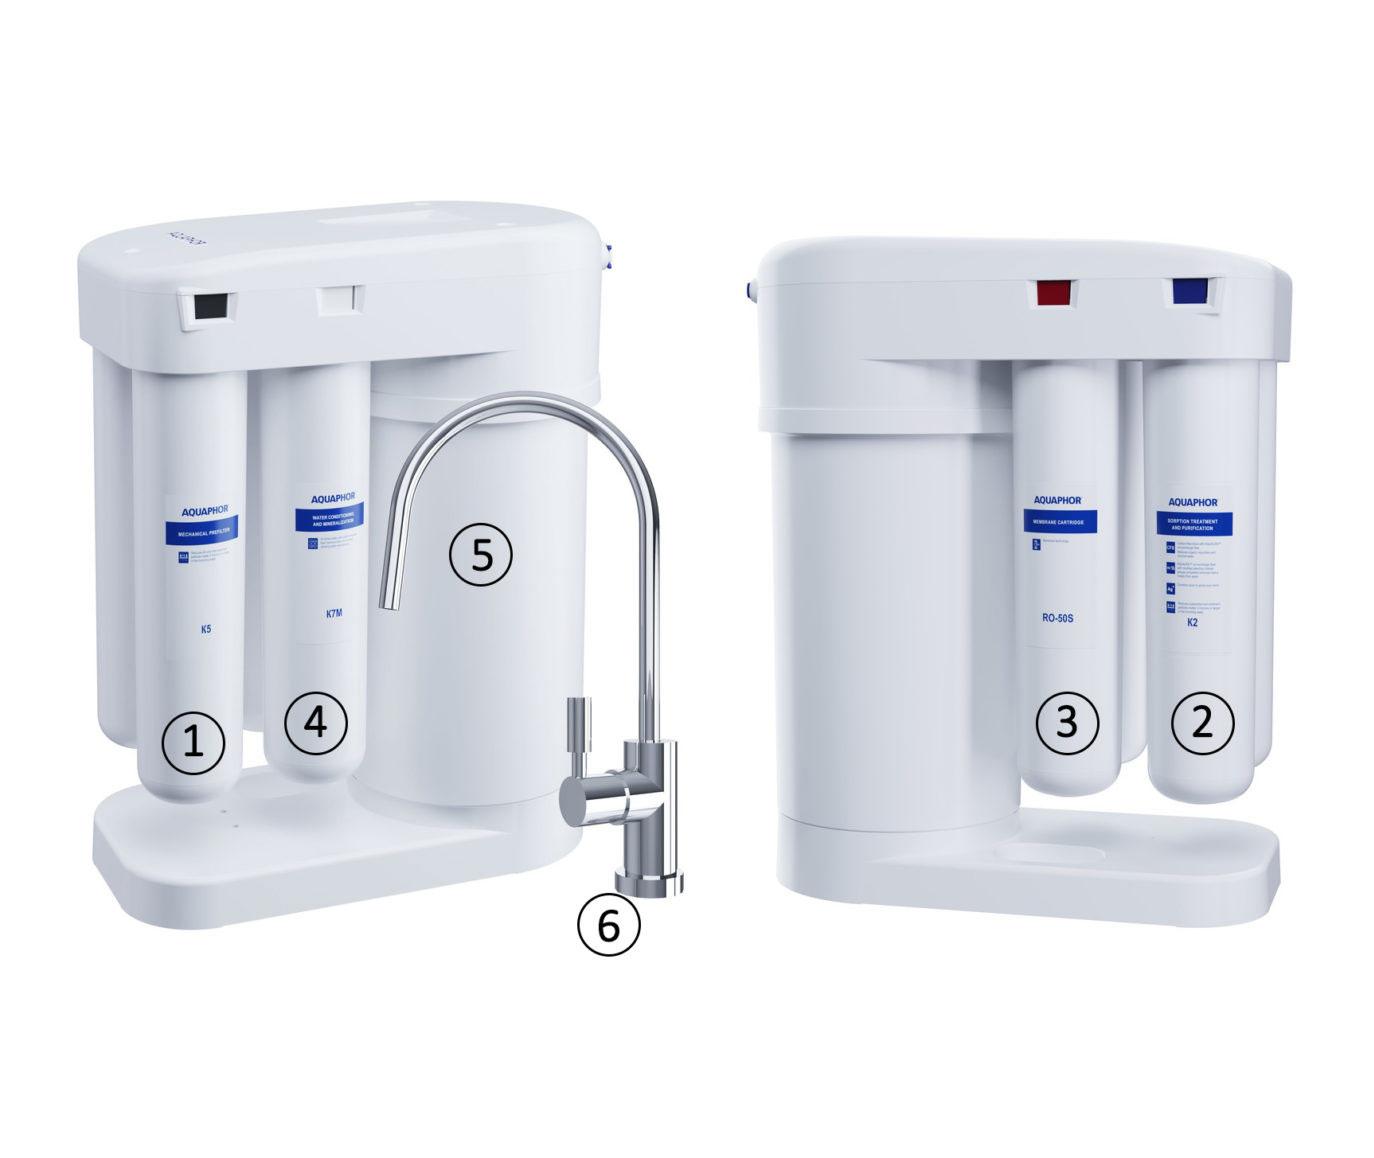 sistem-filtrare-cu-osmoza-inversa-aquaphor-ro-101s-morion-cu-remineralizare-mfrh-original-scaled-A